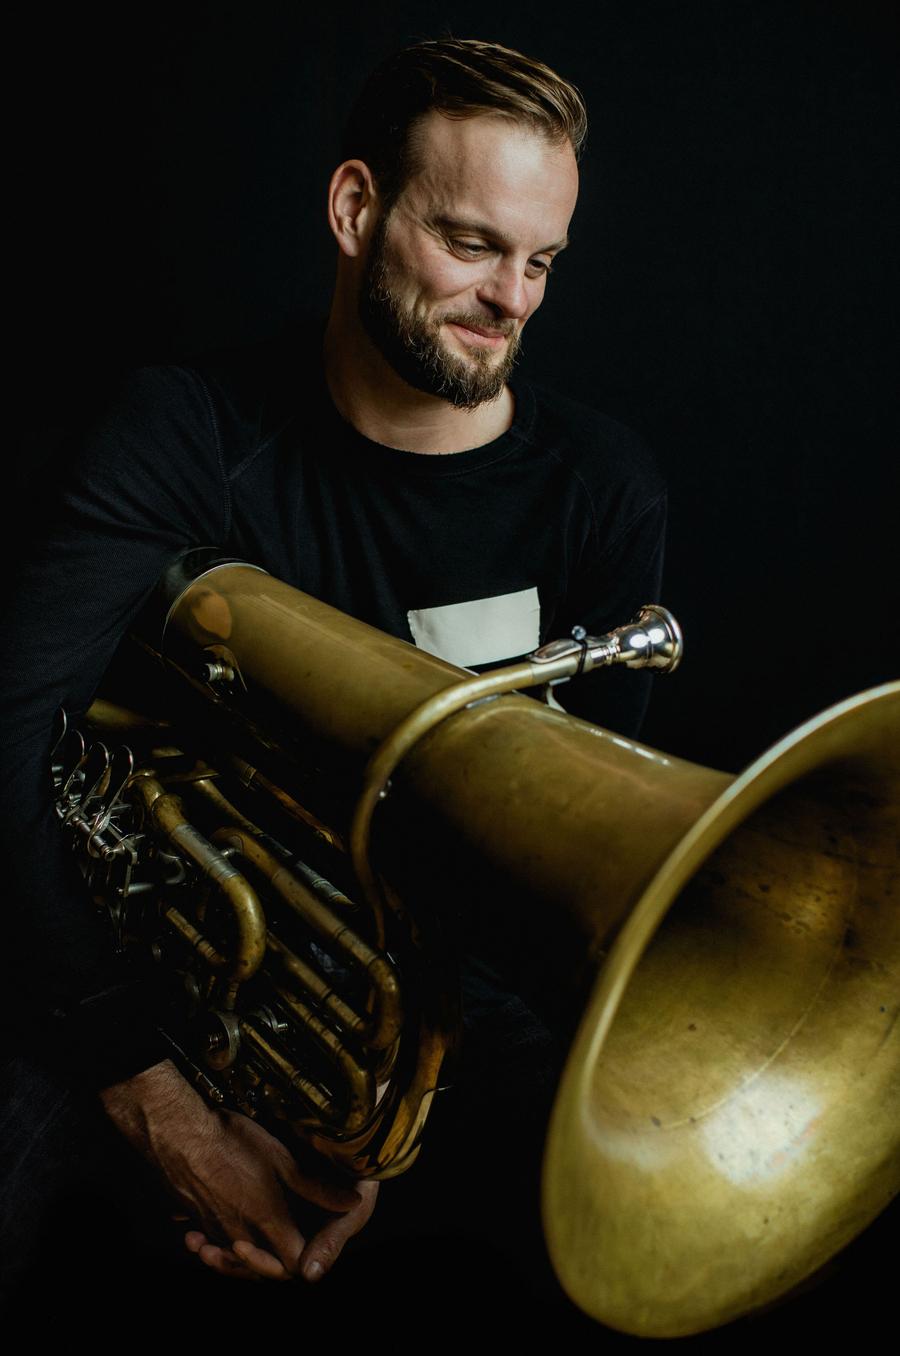 Andreas Fuetsch